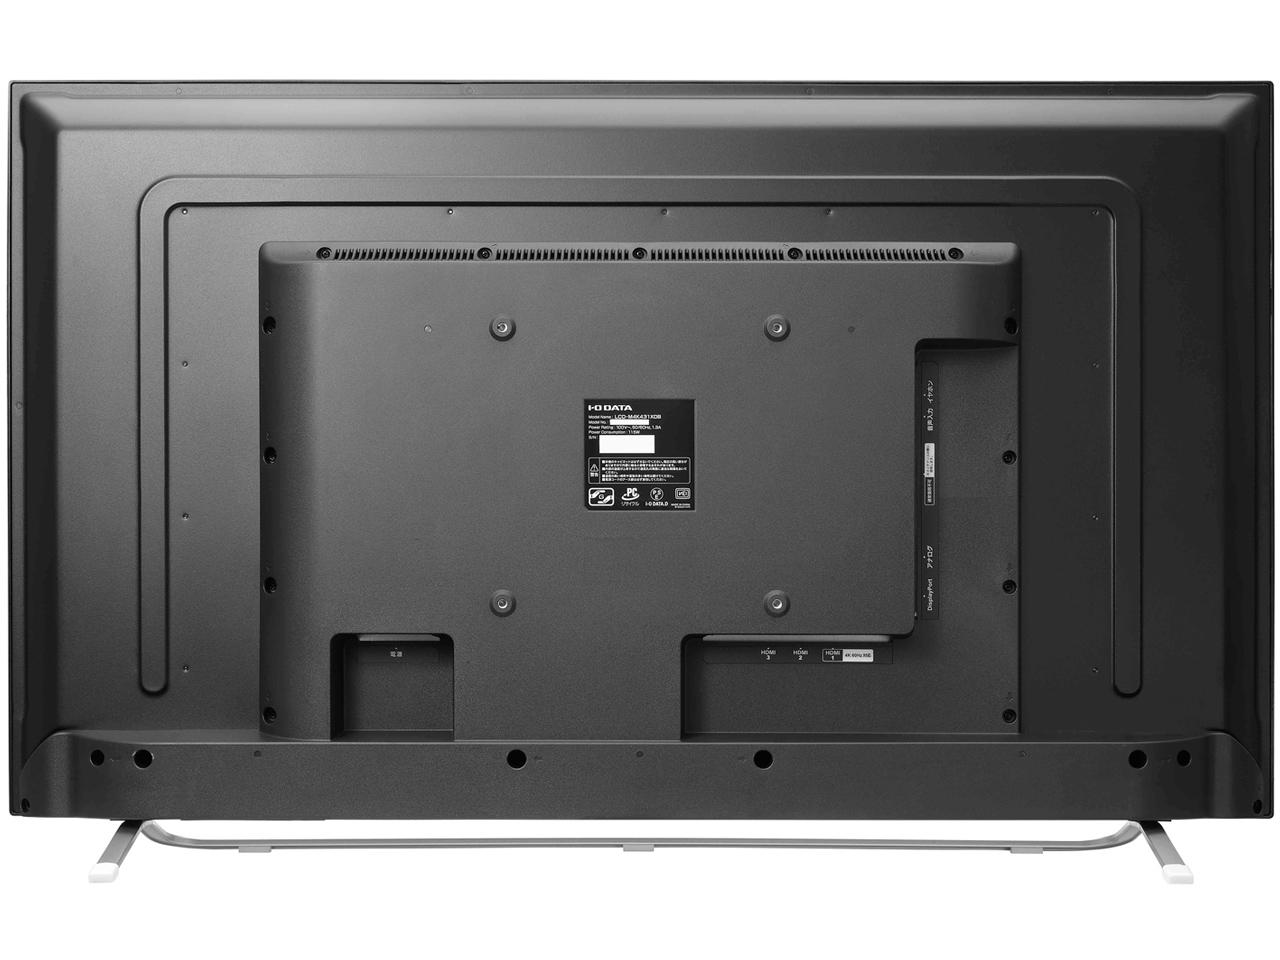 『本体 背面』 LCD-M4K431XDB [43インチ ブラック] の製品画像